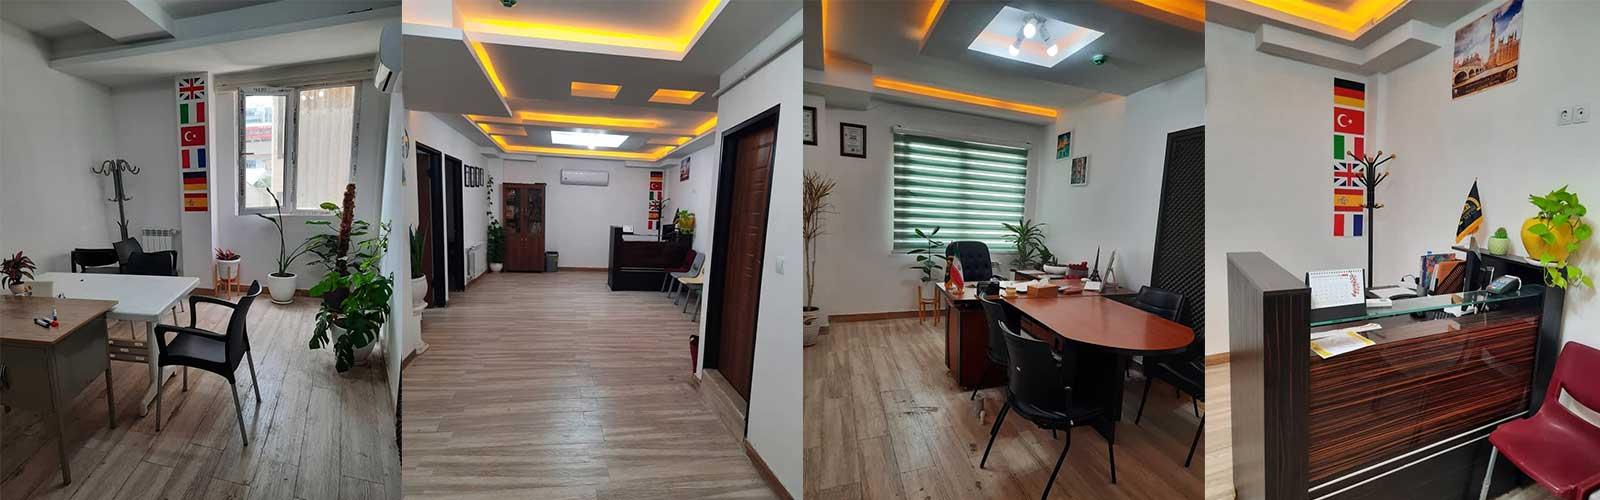 تصاویری از محیط دفتر آموزشگاه استاد مسجدی -Ostad Masjedi Office Pictures